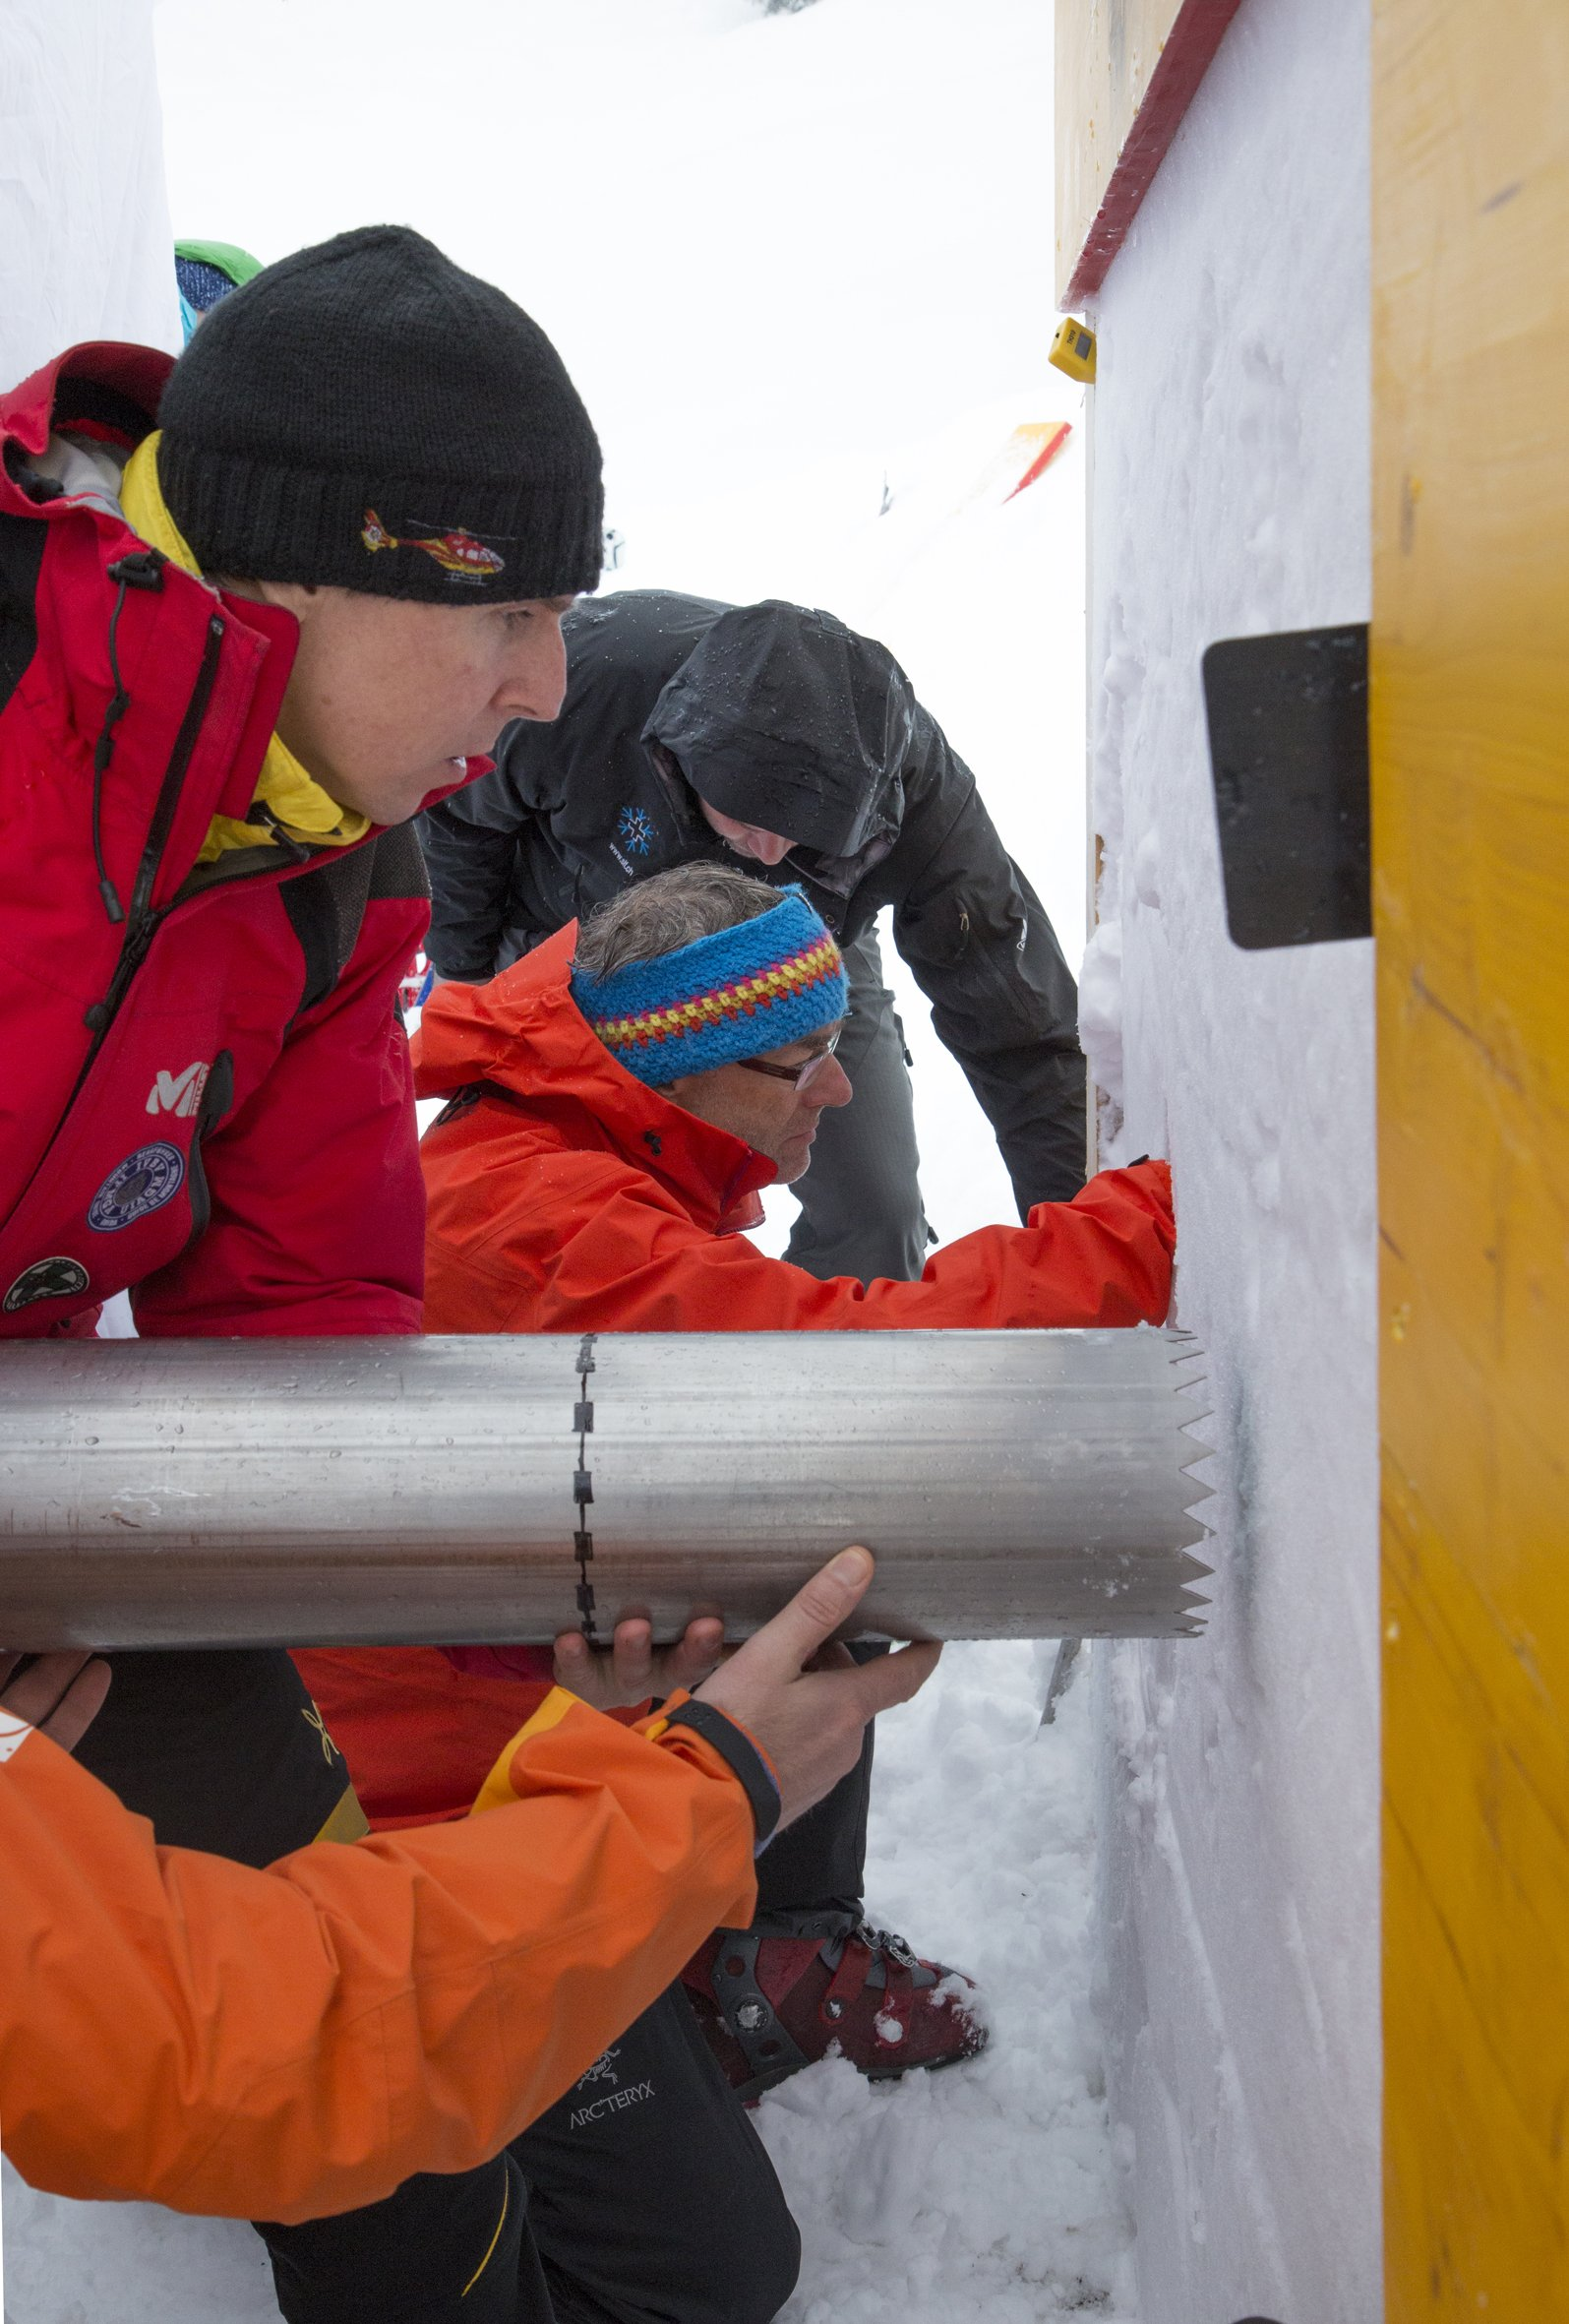 Bohren einer Atemhöhle im Schnee: Je nach Beschaffenheit des Schnees kann noch Sauerstoff in die Atemhöhle eindringen.